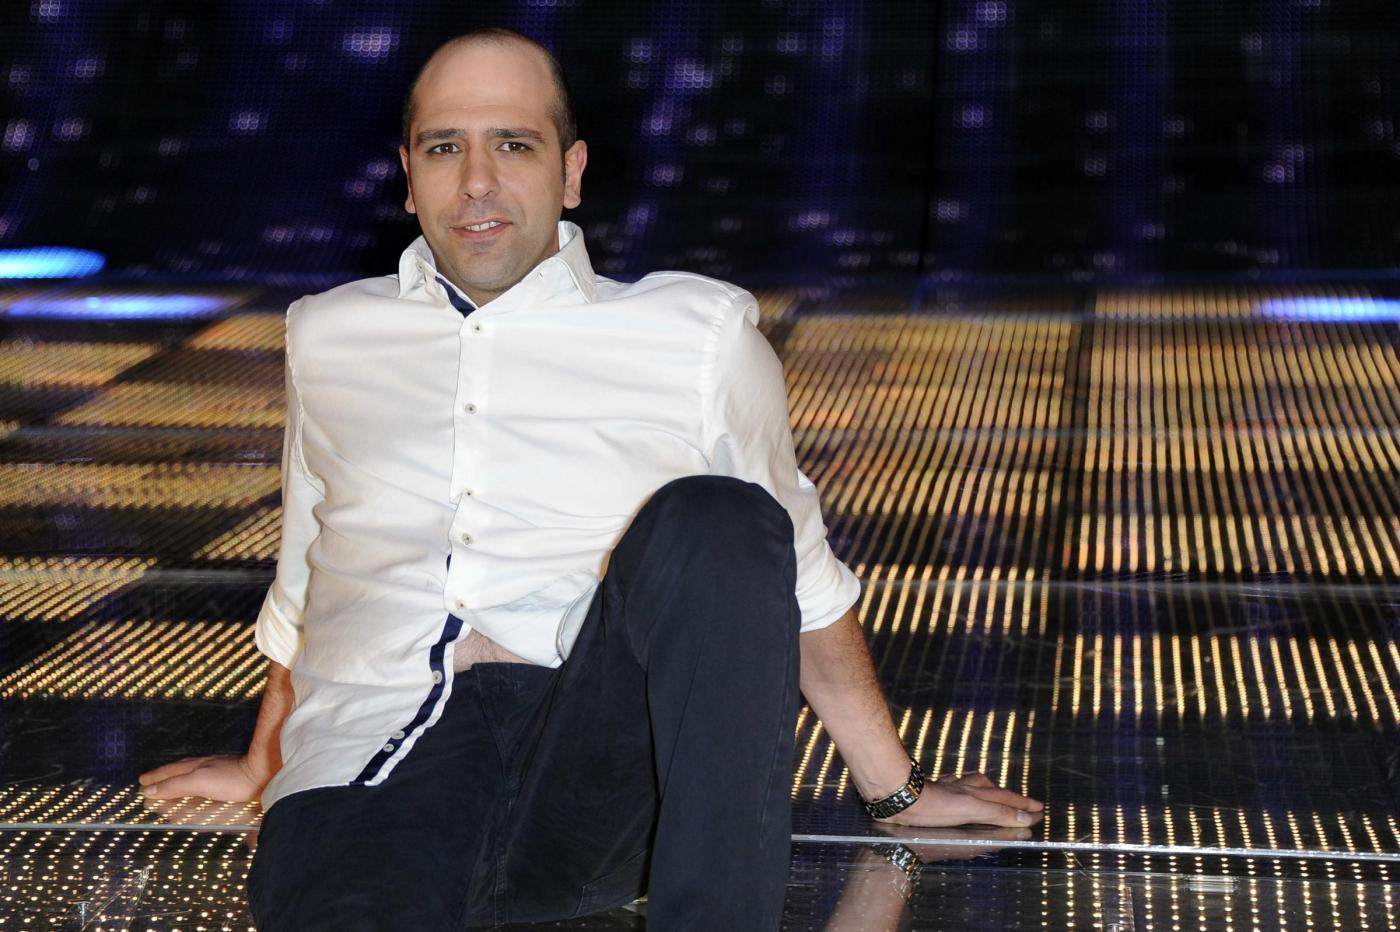 Ascolti tv venerdì 9 dicembre 2011: vince Checco Zelone con 5 milioni